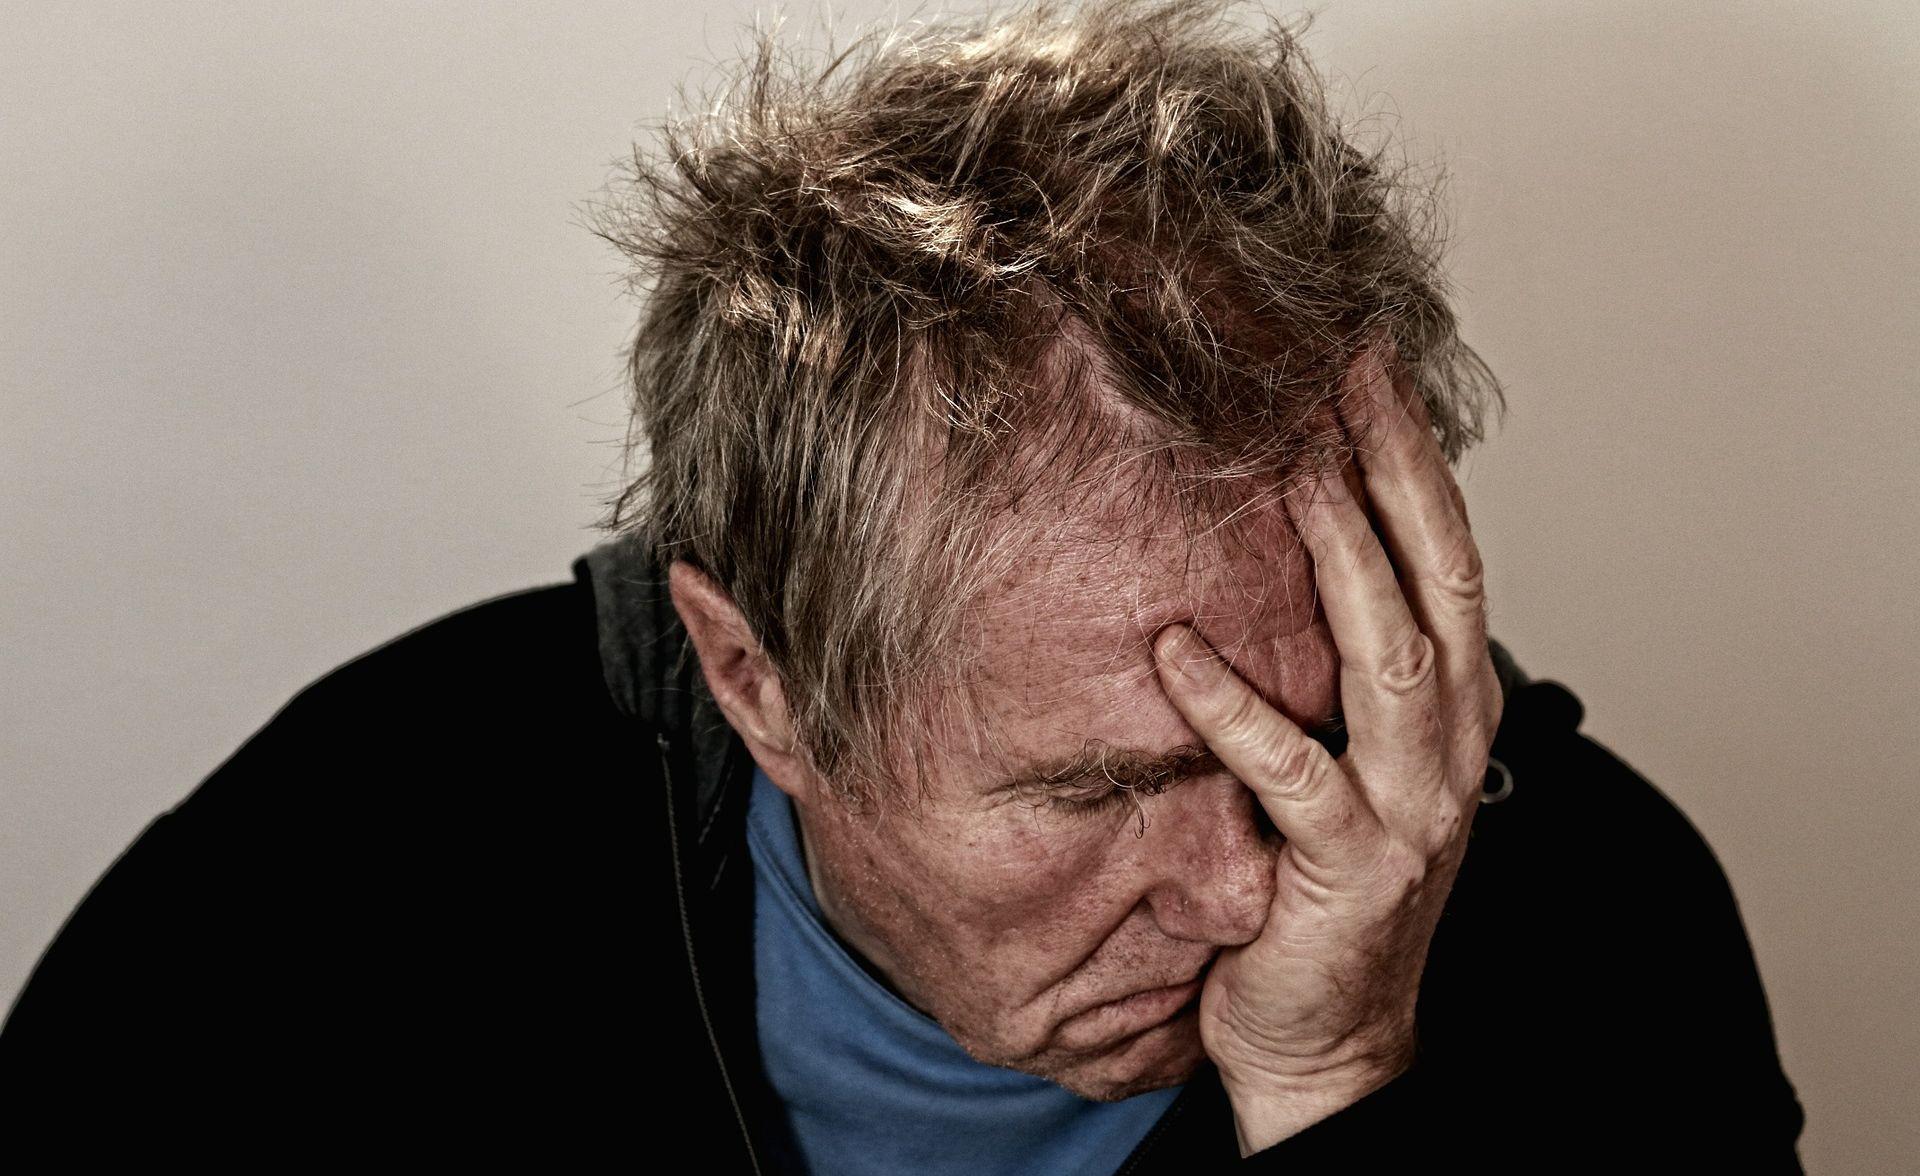 Istraživanje: Svjetlosna terapija može ublažiti depresiju a ne samo neraspoloženje